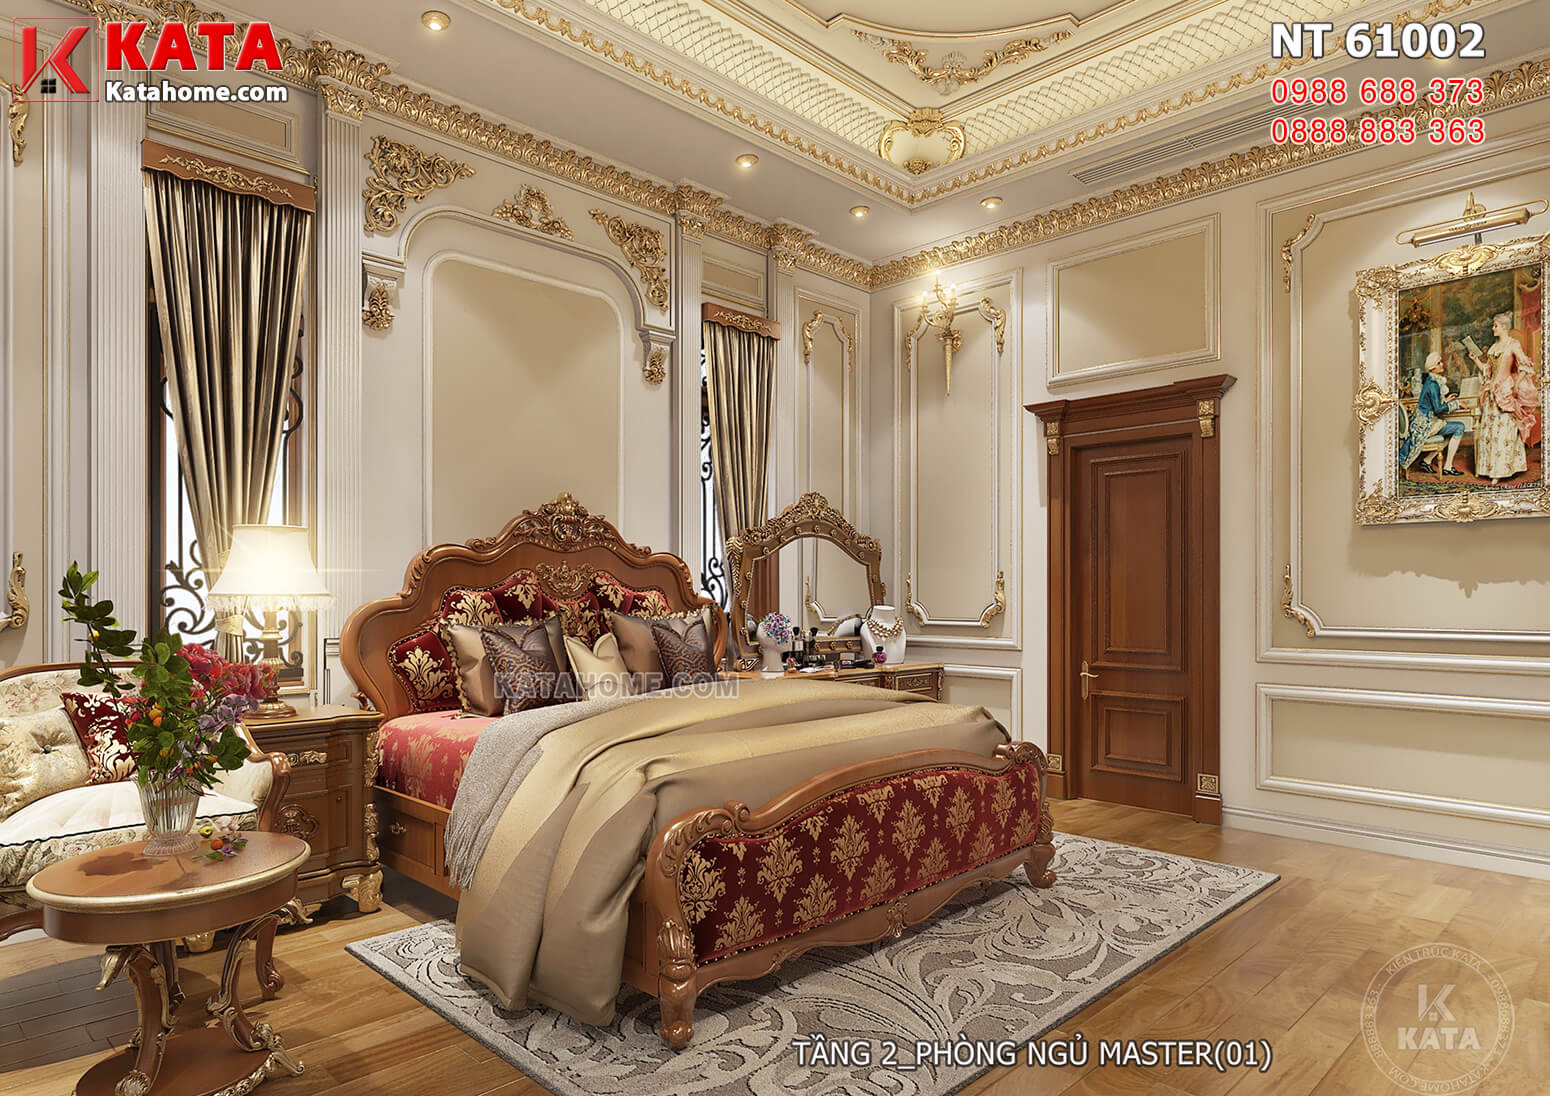 Hình ảnh: Thiết kế nội thất tân cổ điển đẹp cho không gian phòng ngủ Master